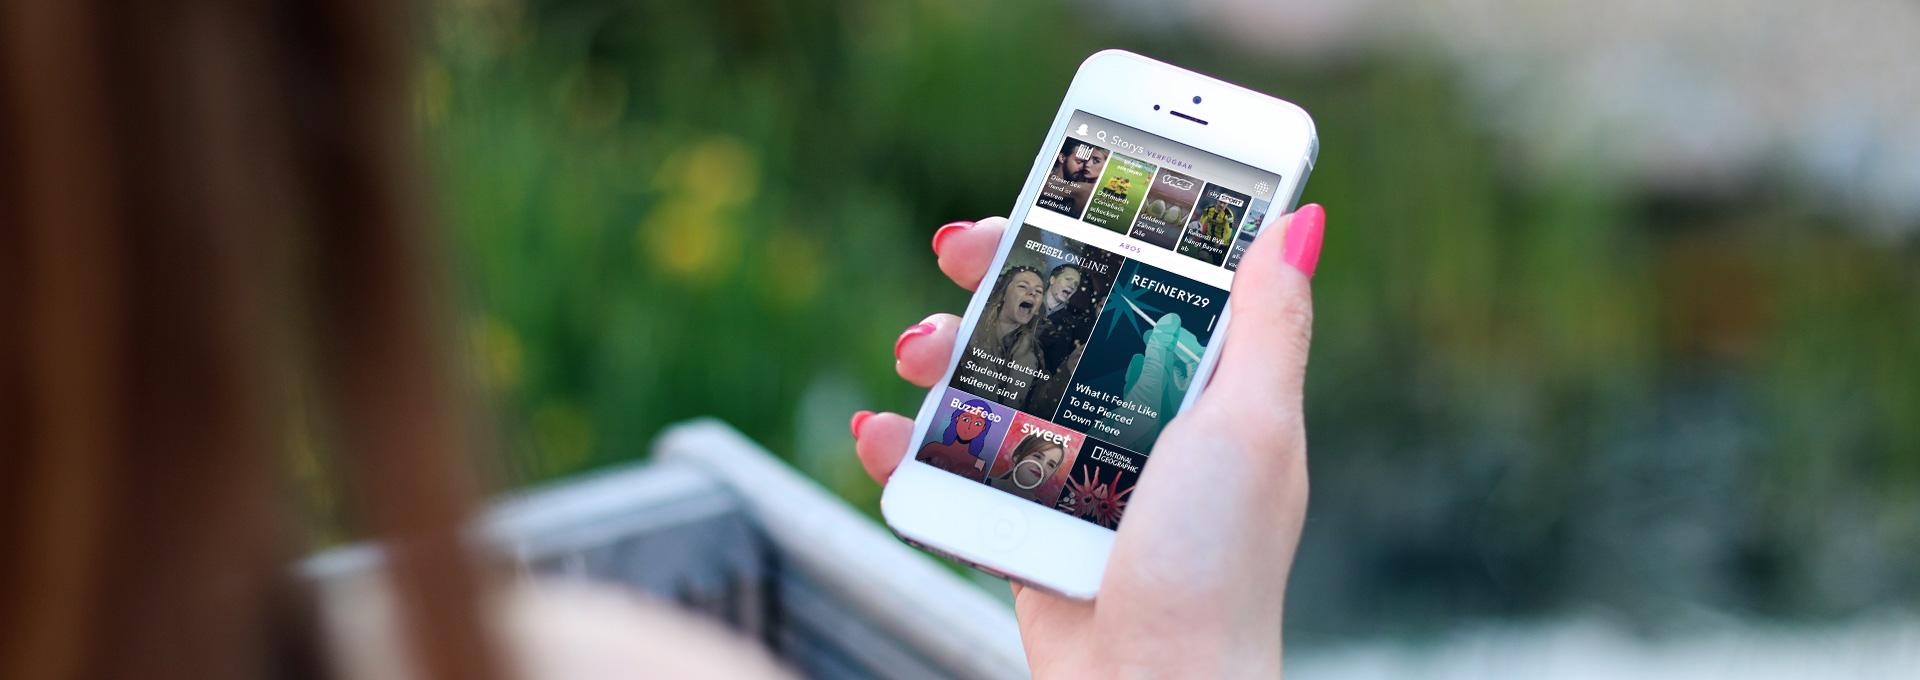 Gen Z Social Media Plattform Snapchat